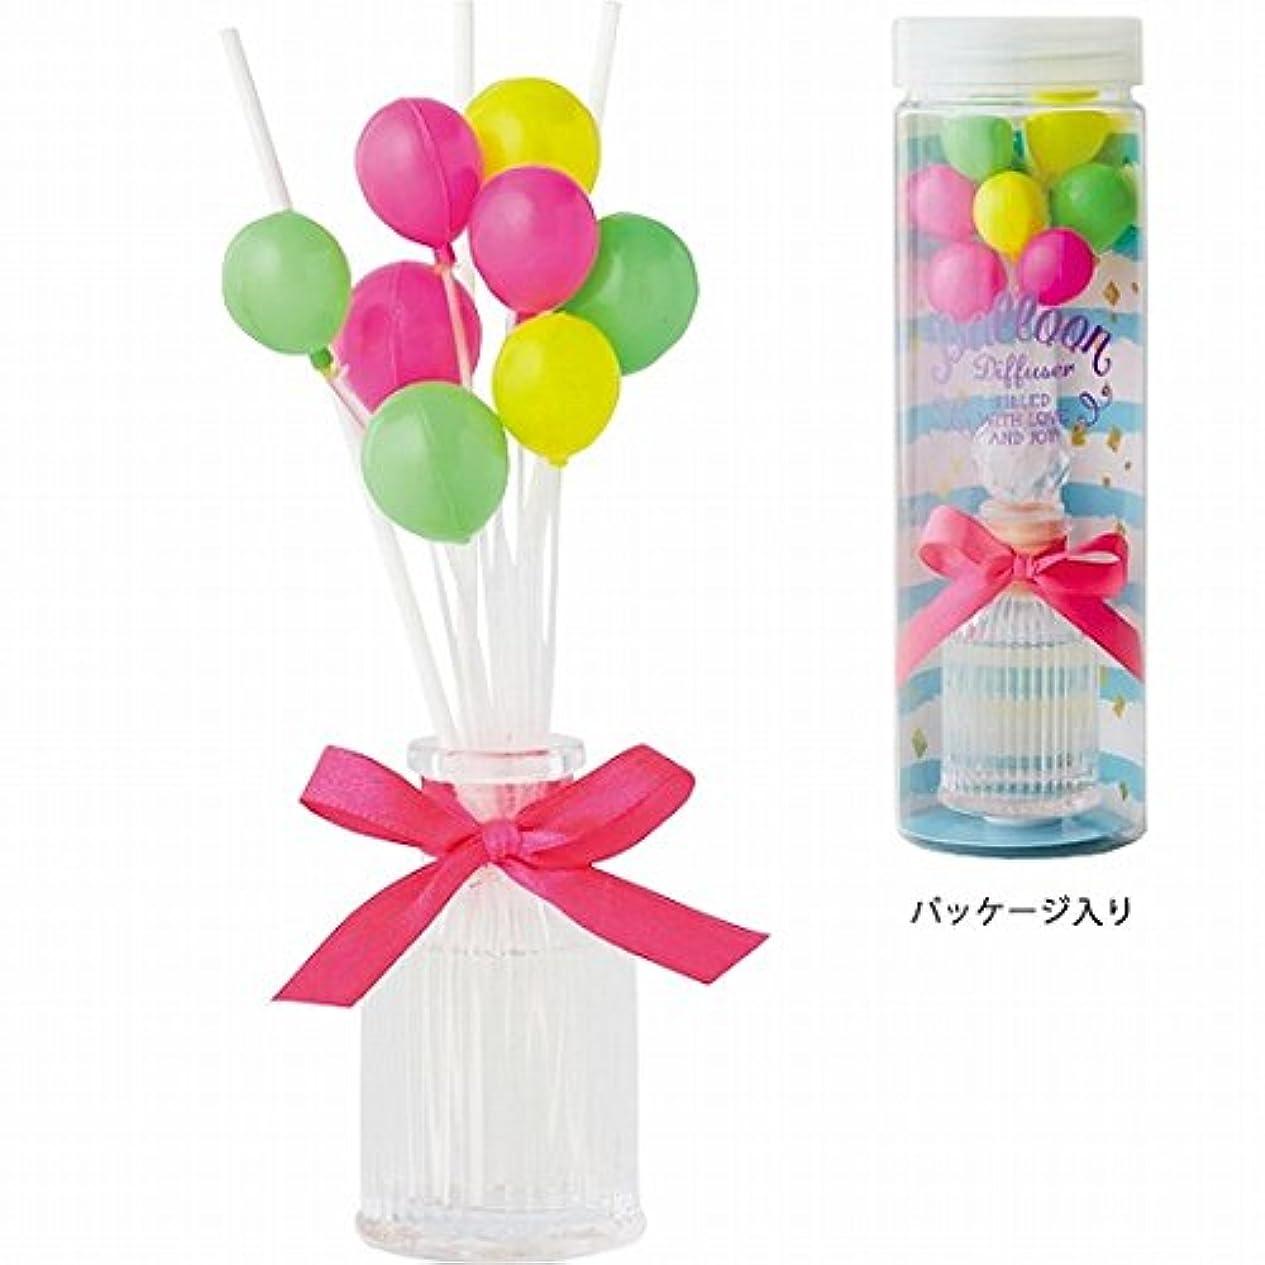 海外で使役拍手するカメヤマキャンドル( kameyama candle ) バルーンディフューザー